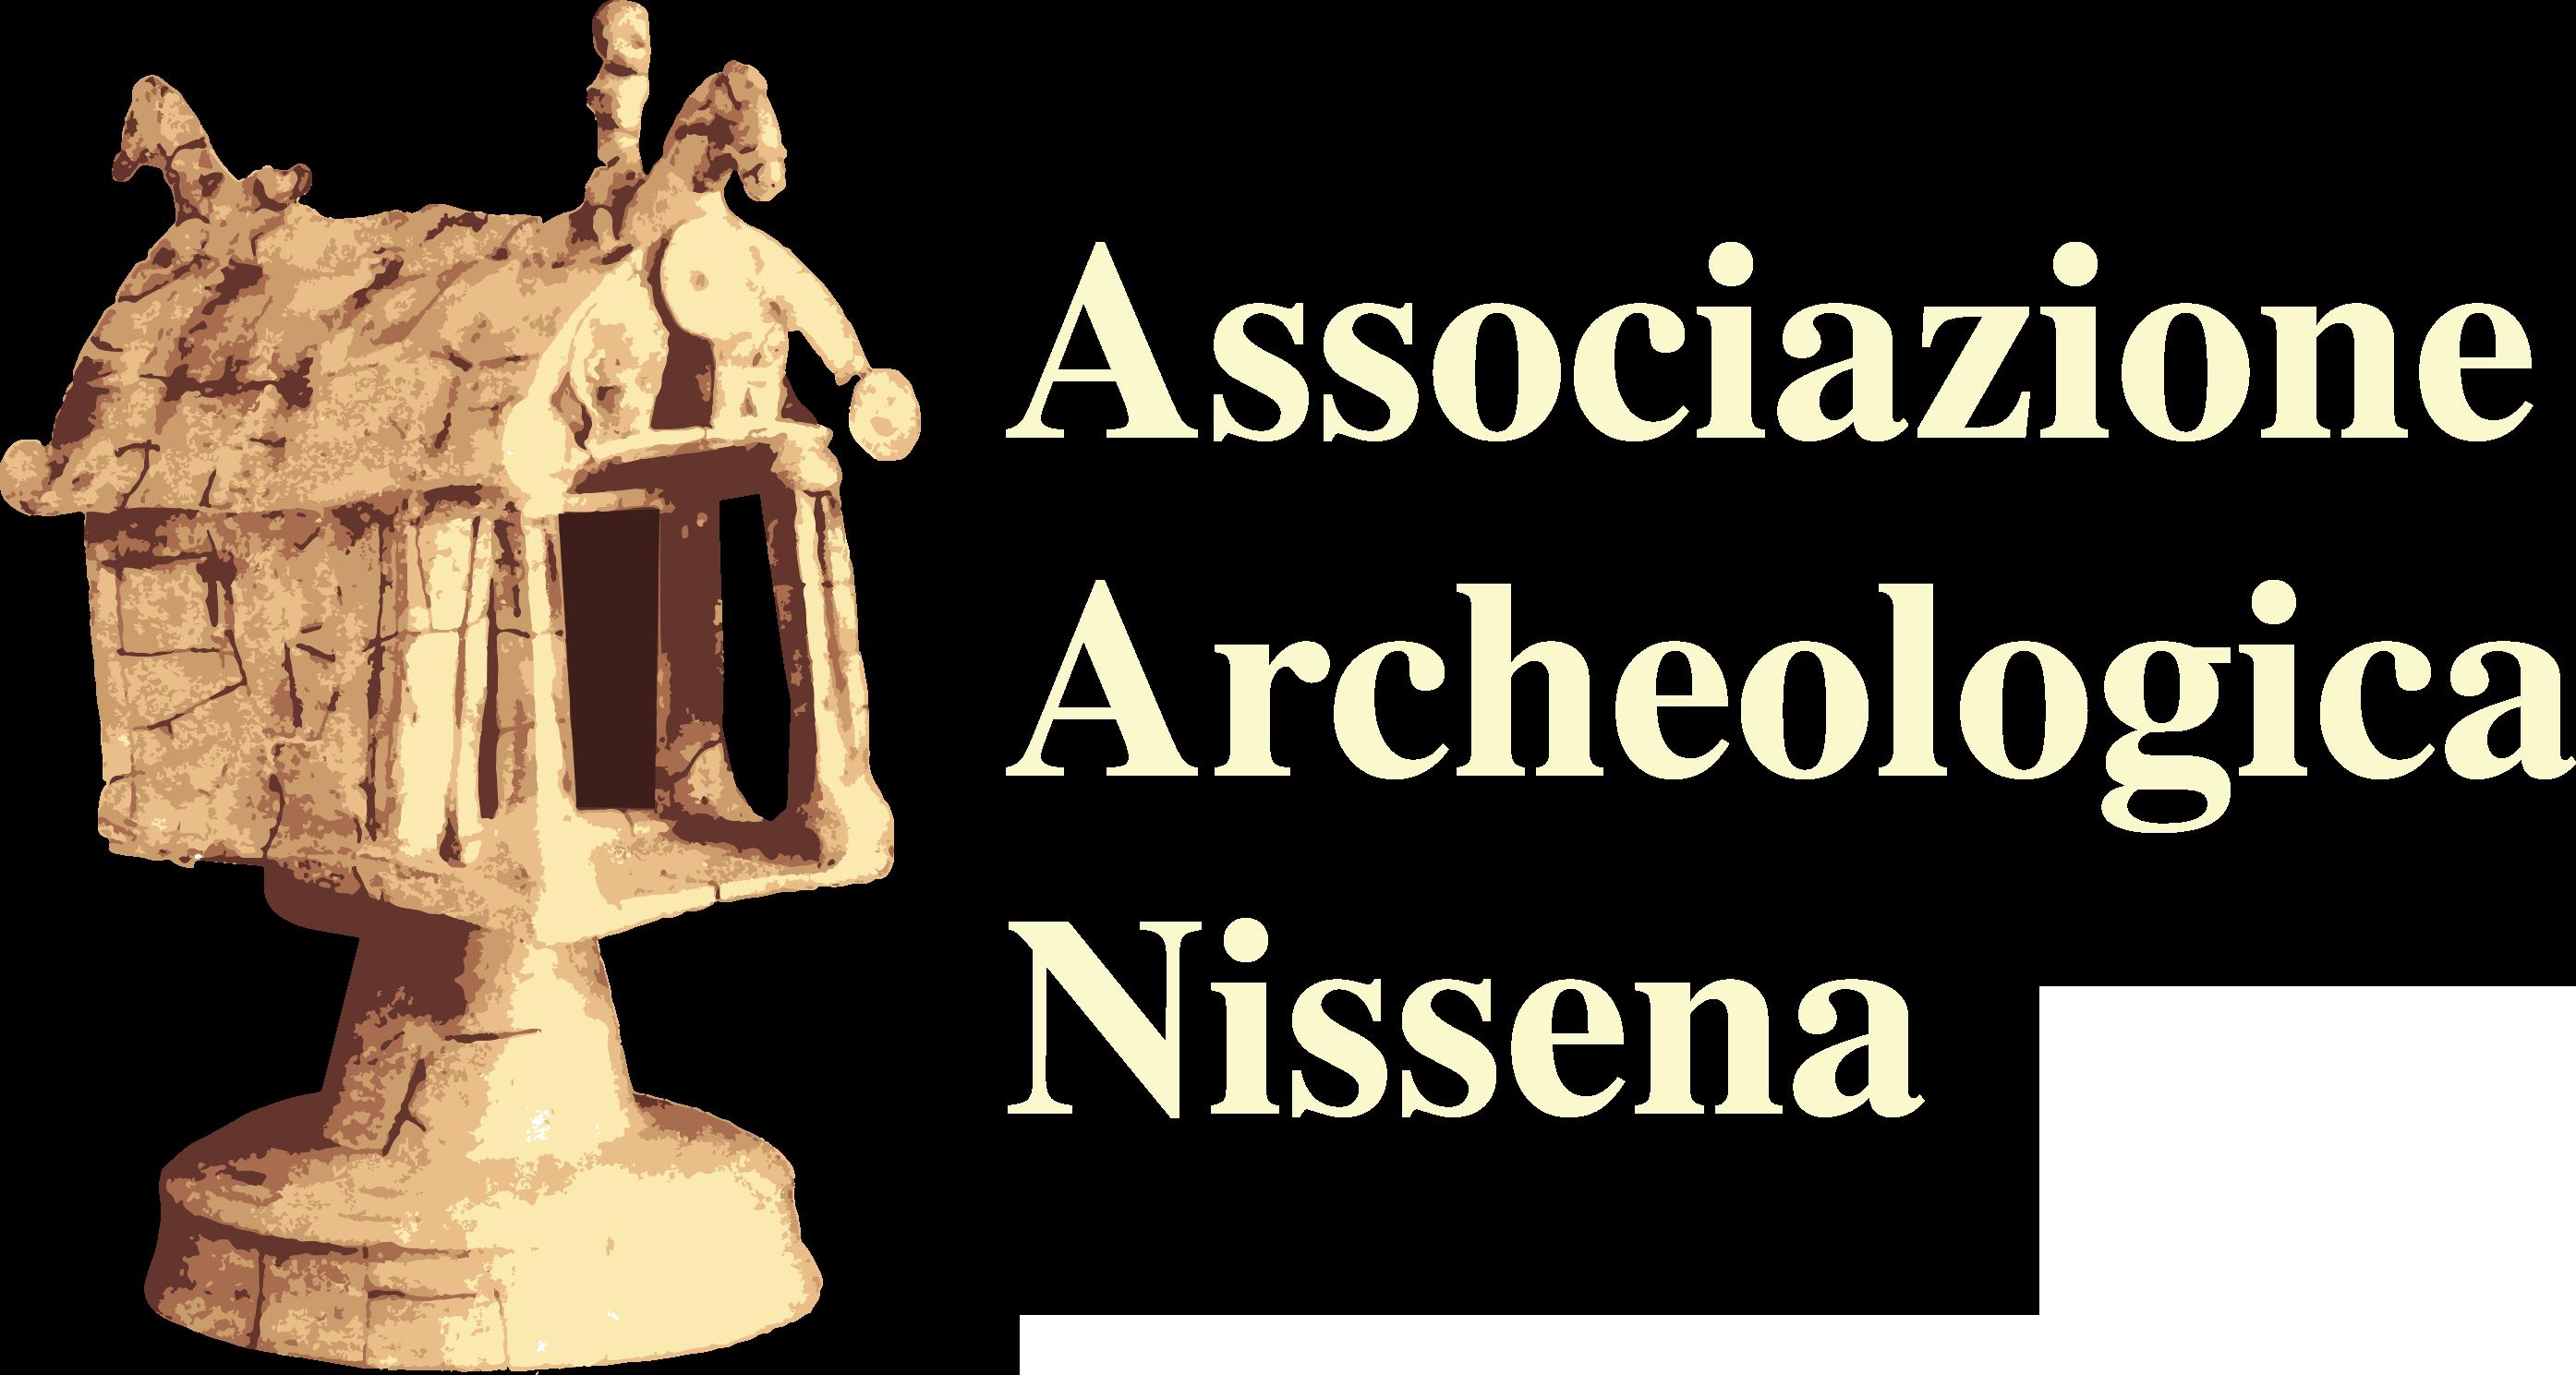 Associazione Archeologica Nissena